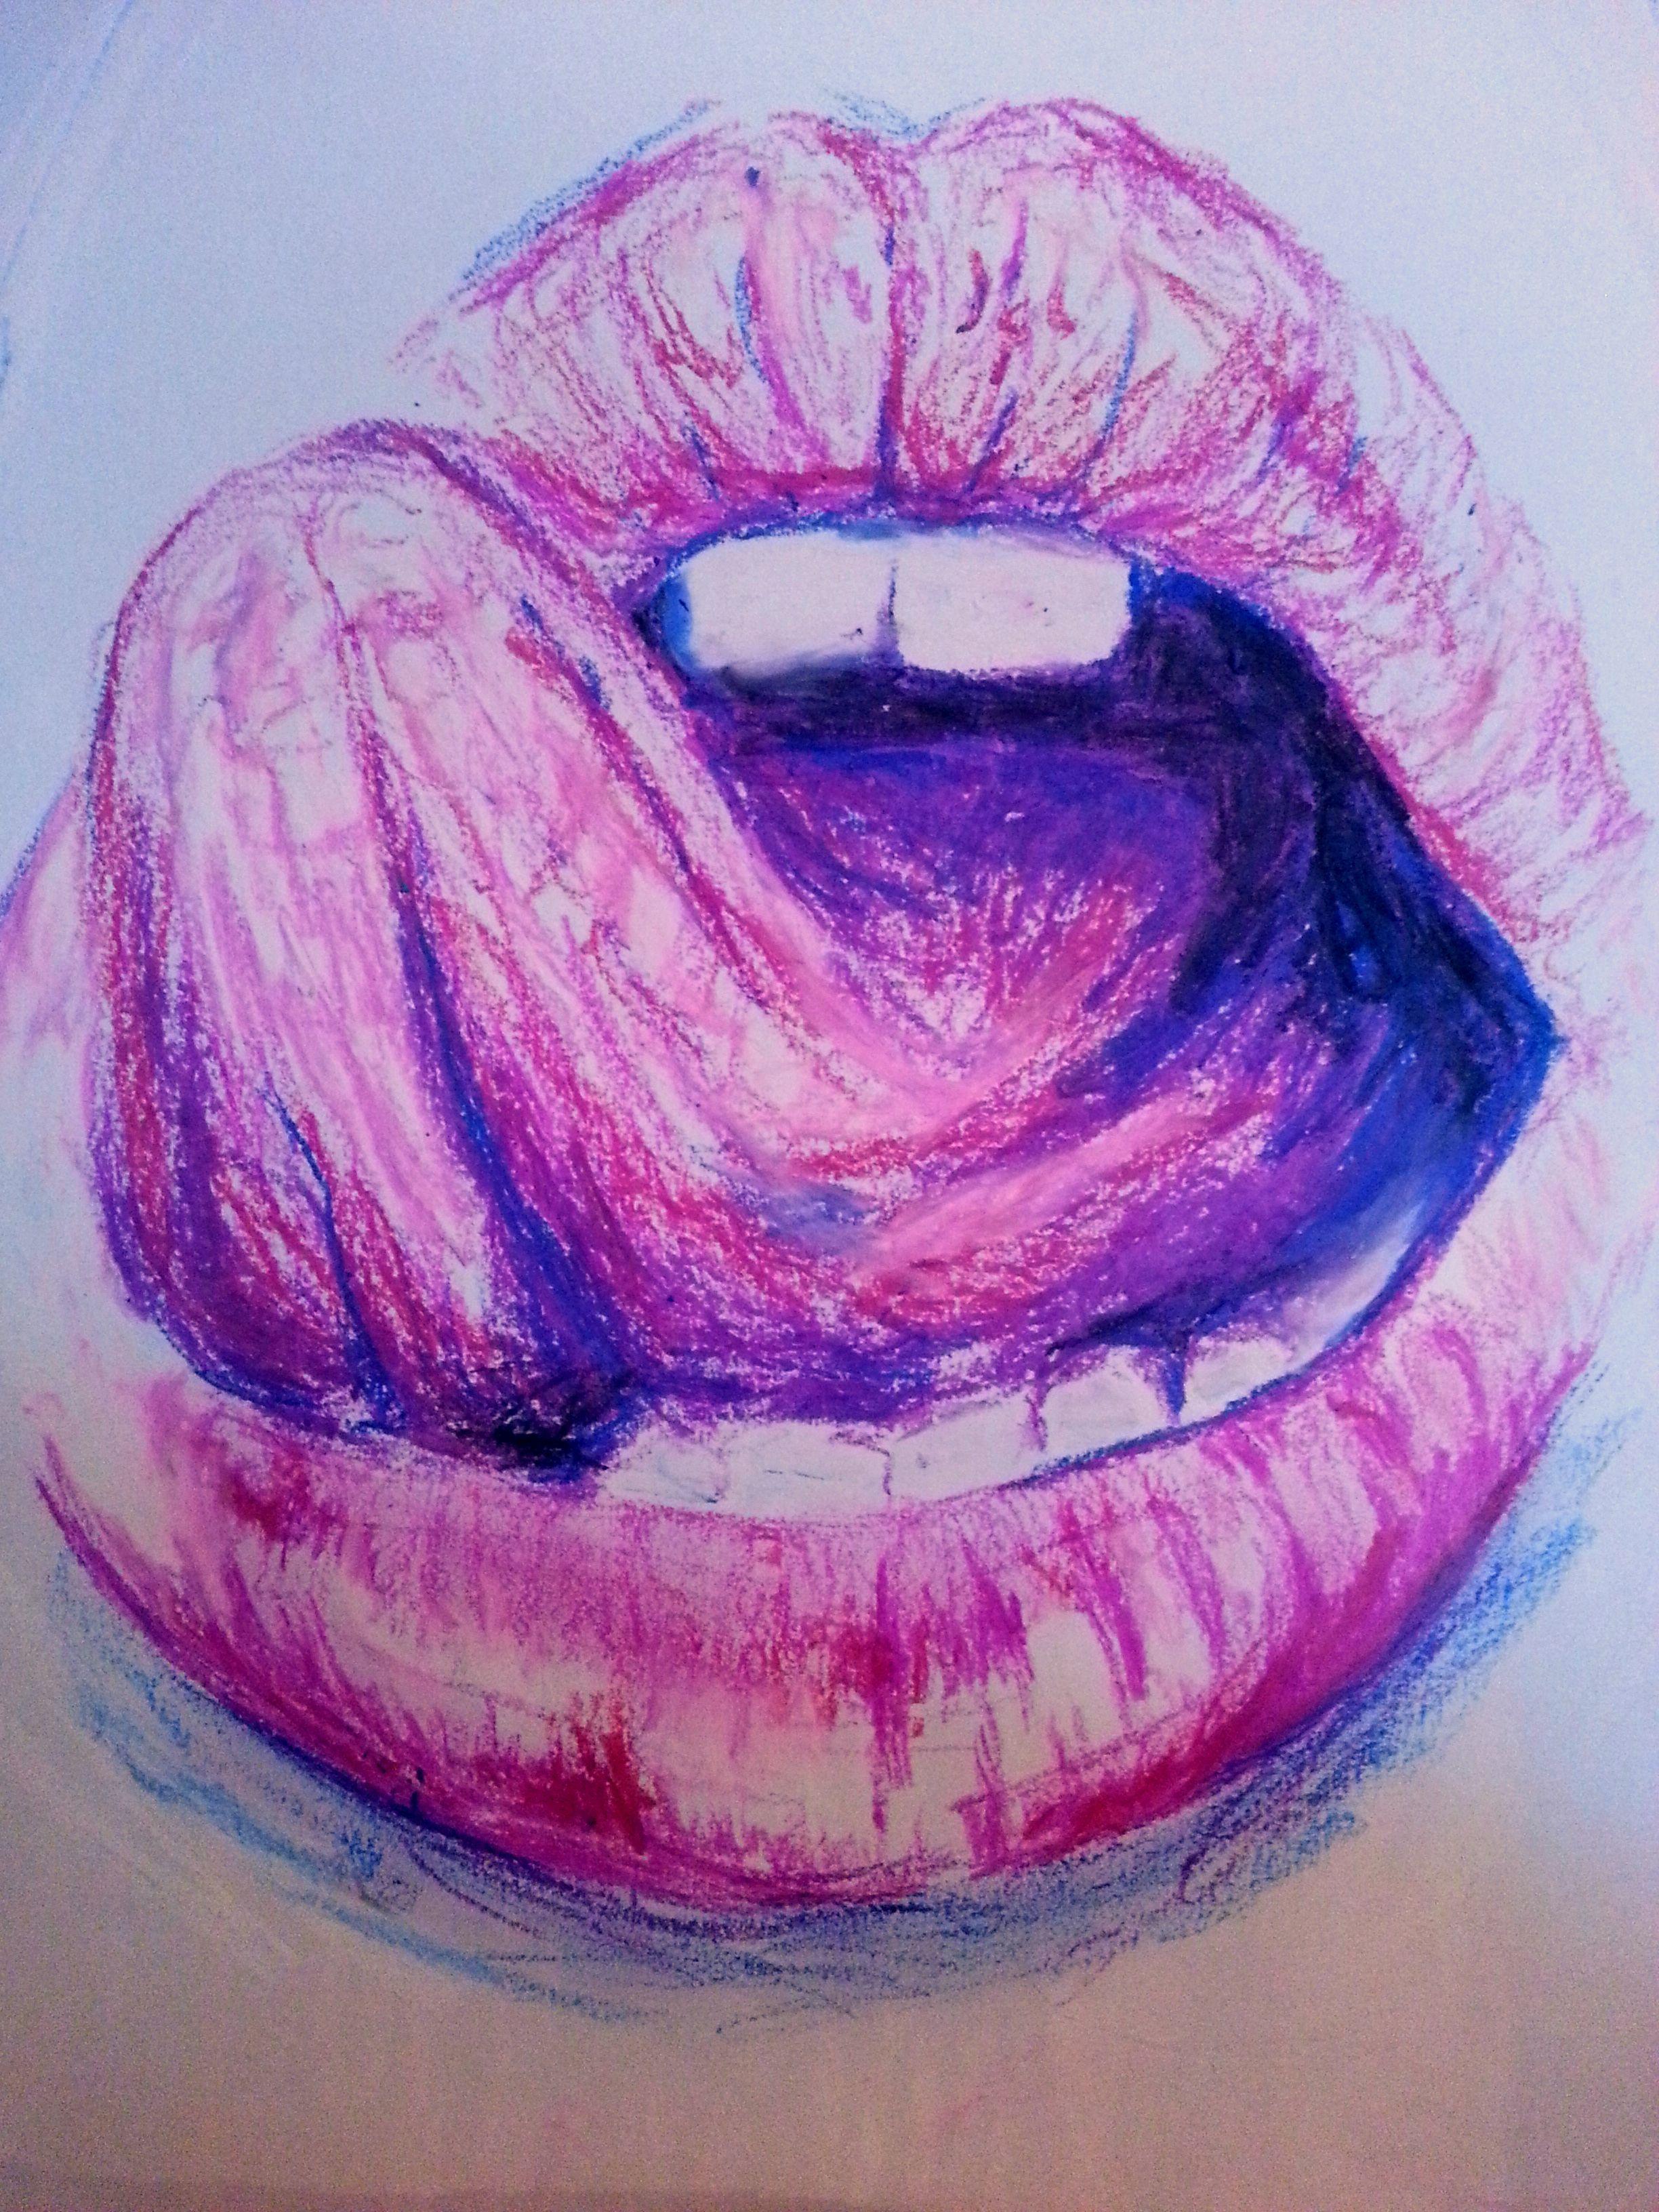 Красивые губы картинки нарисованные